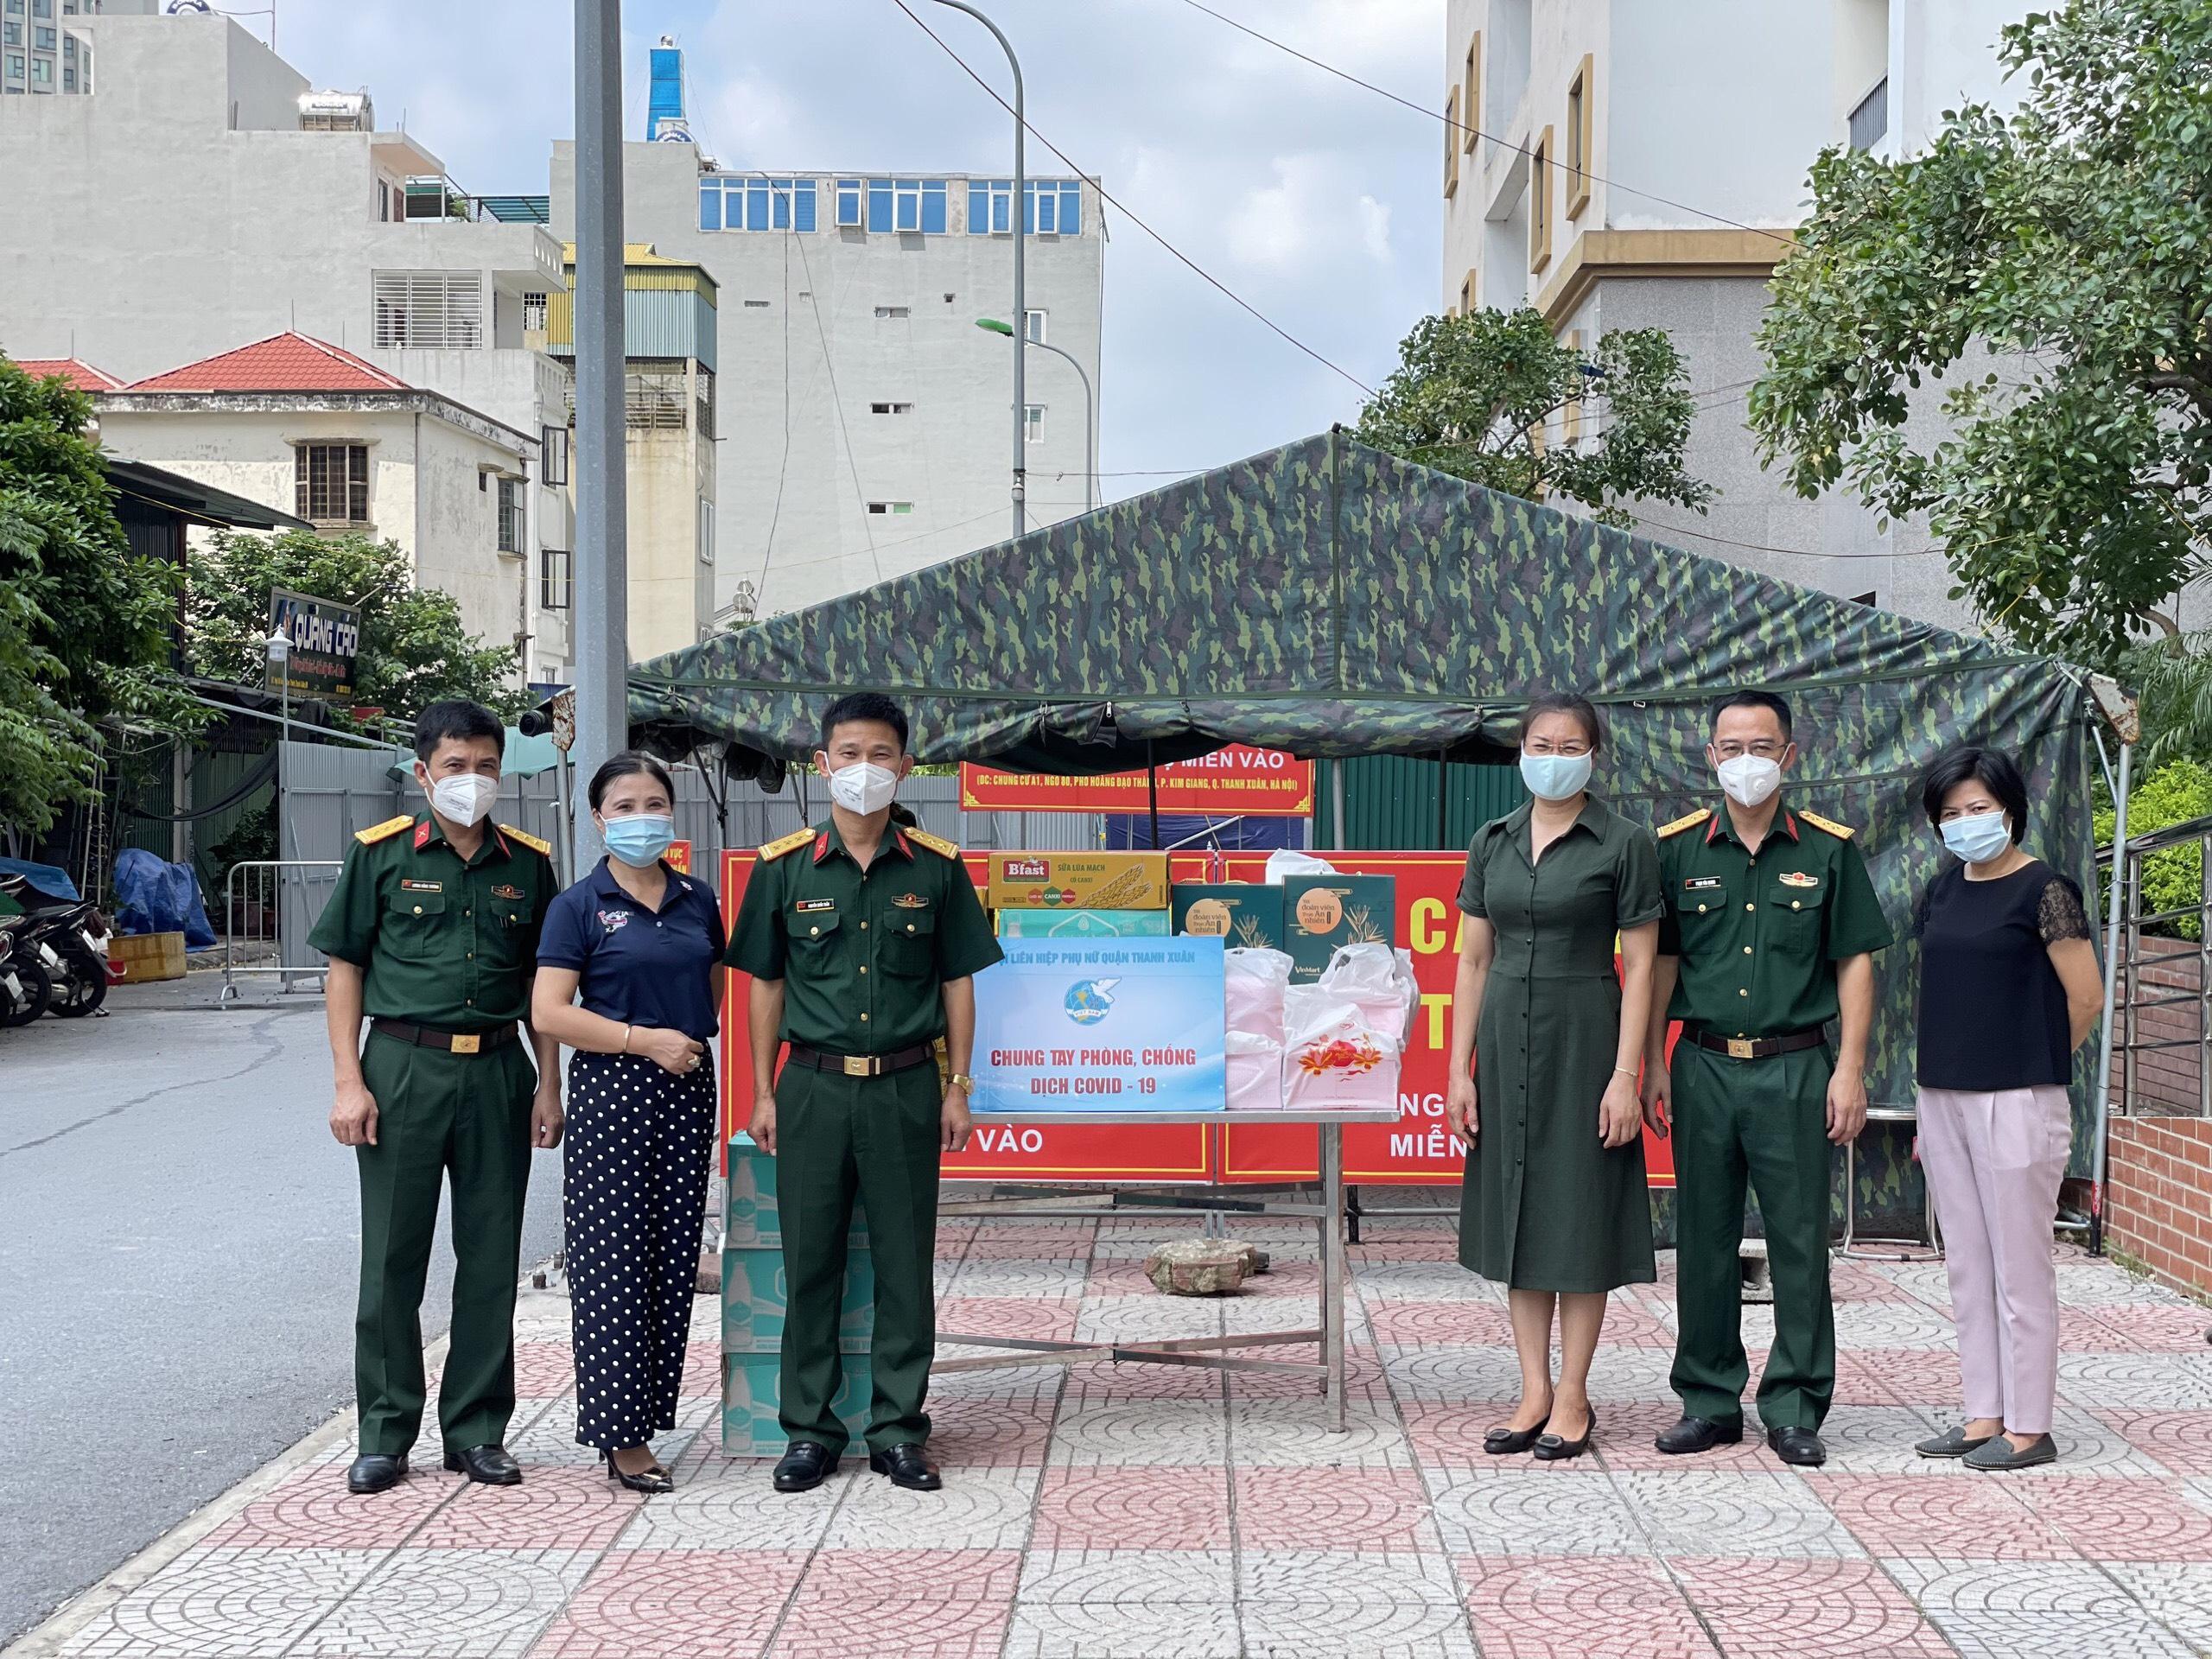 Lãnh đạo Hội Liên hiệp Phụ nữ quận thăm và trao quà Trung thu tại khu cách ly A1 Kim Giang